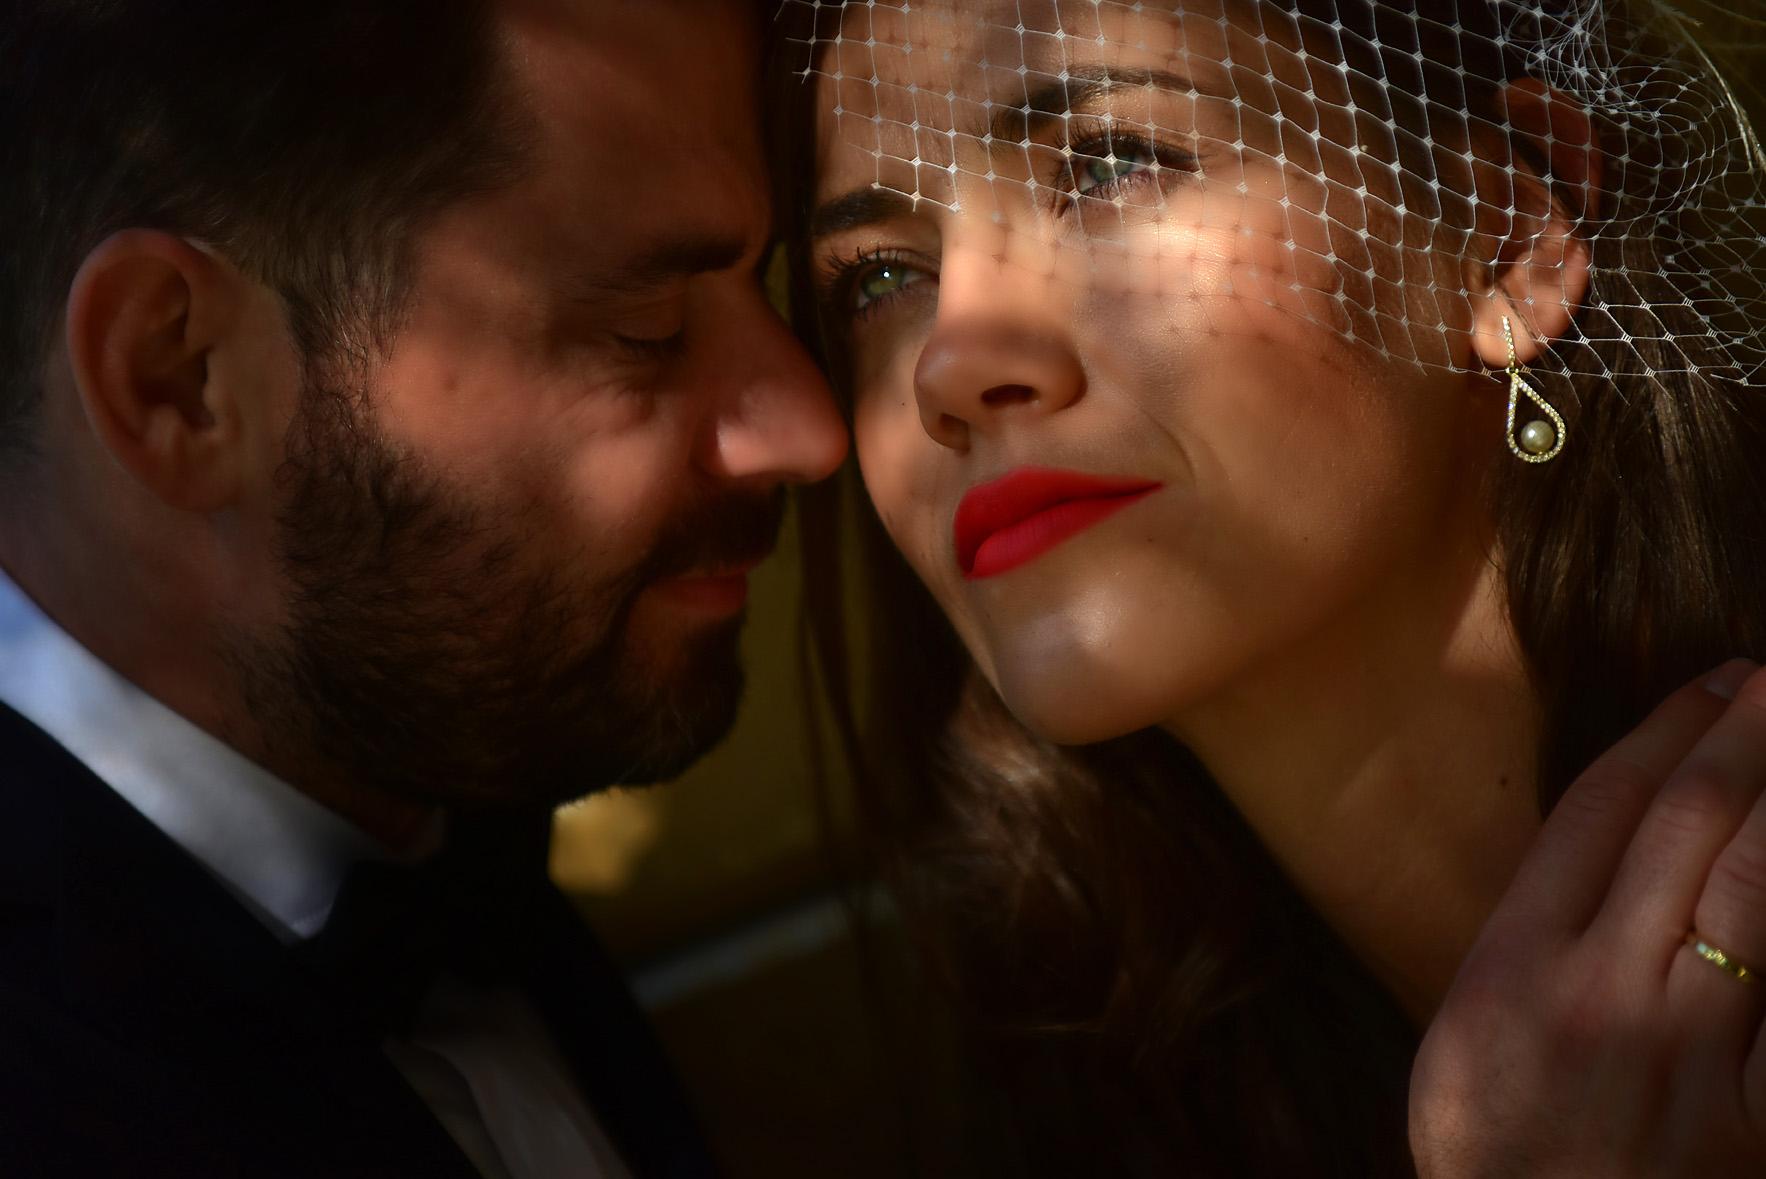 fine-art-photography-wedding-larissa-thessalia-koumaditis-01